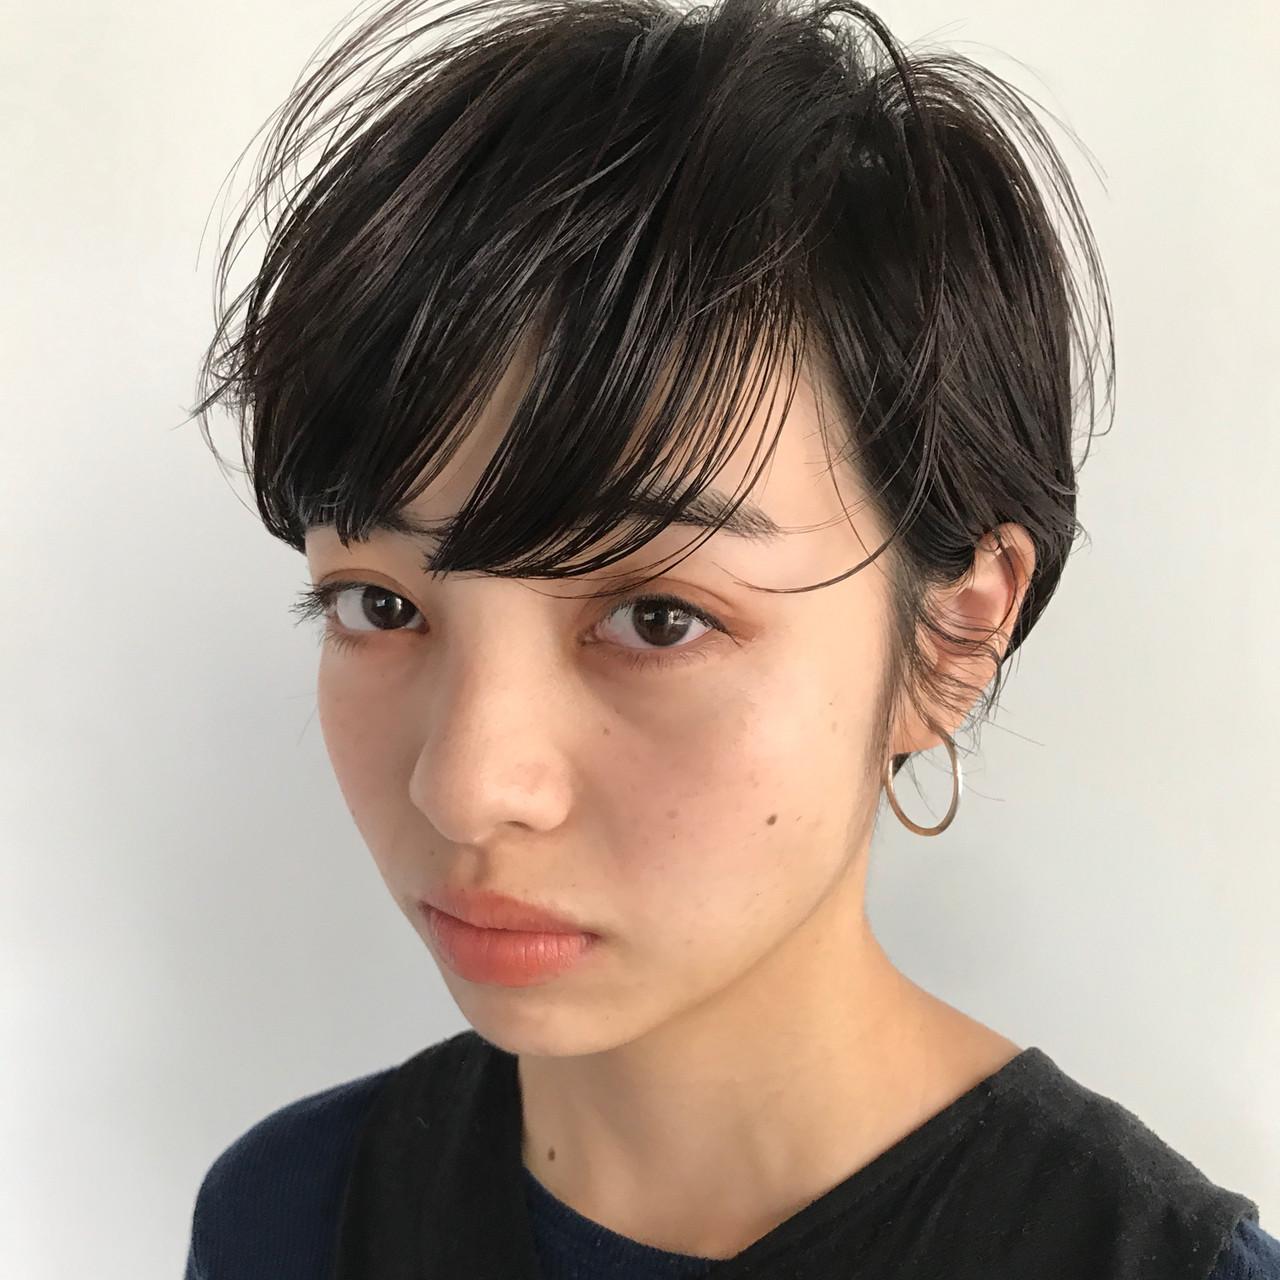 ナチュラル 前髪パーマ 前髪 ショート ヘアスタイルや髪型の写真・画像 | 高橋 忍 / nanuk渋谷店(ナヌーク)